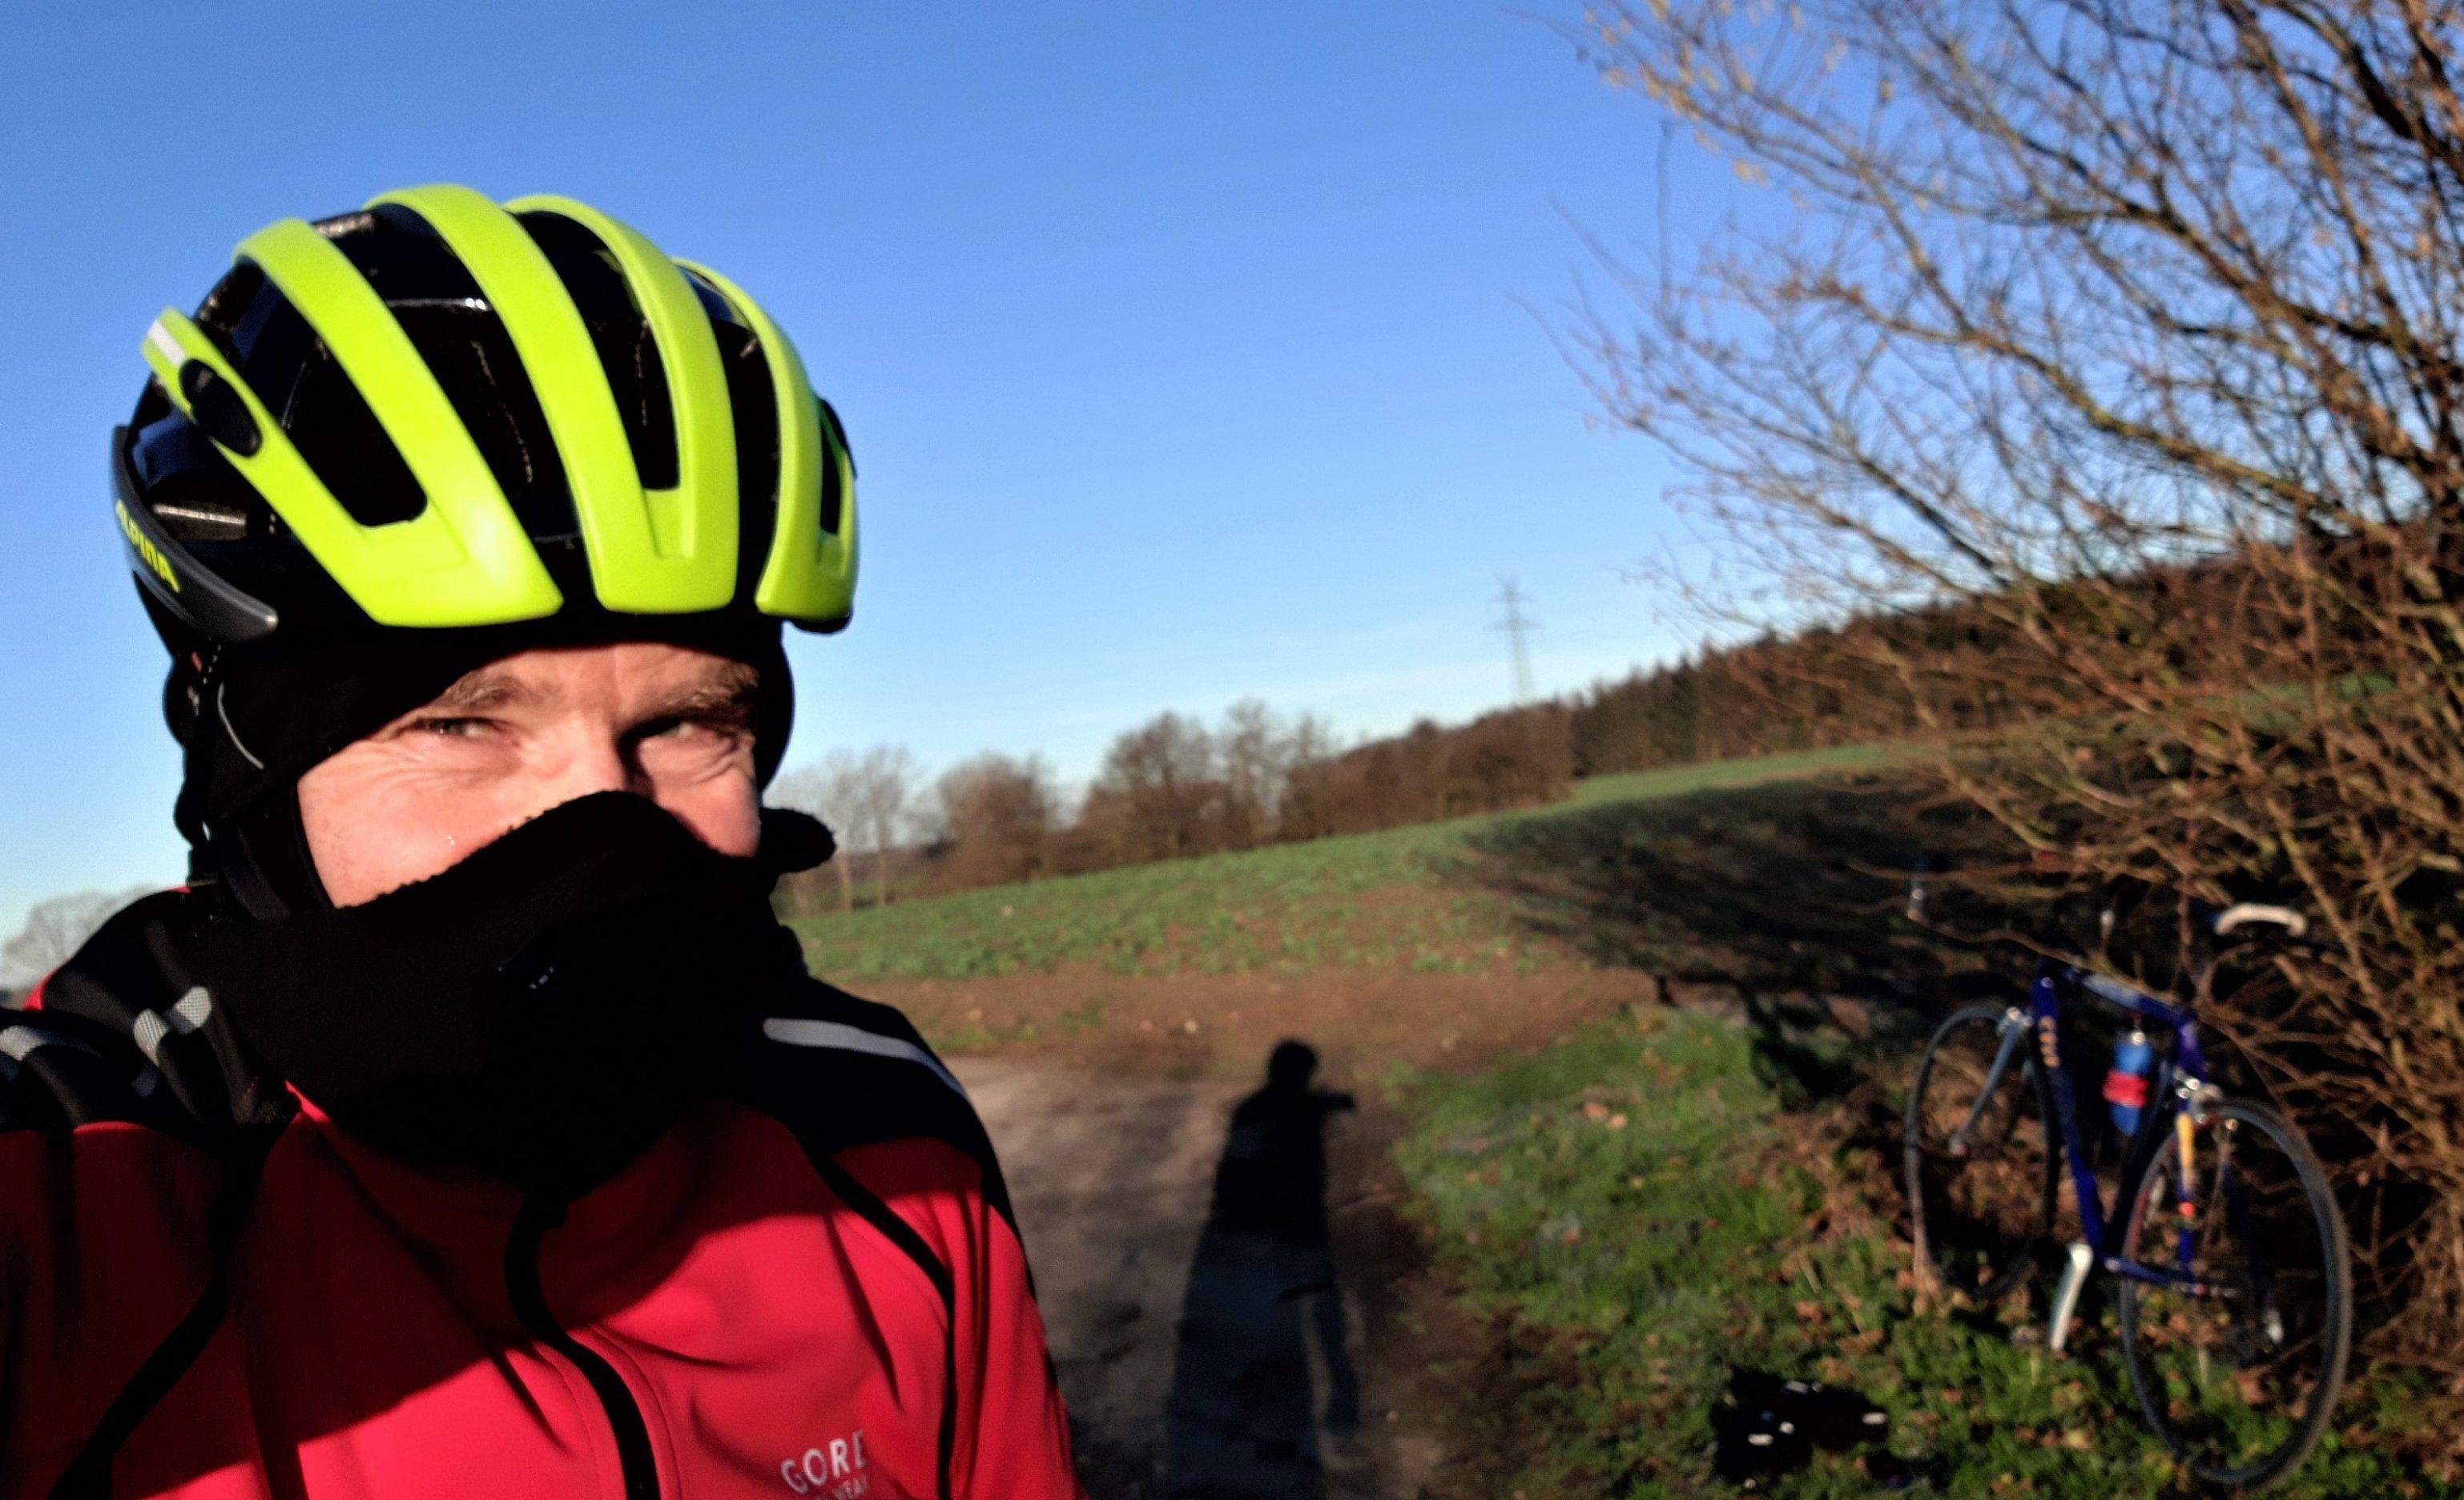 Radfahrer mit Helm, Sturmhaube und Nasenschutz vor Winterlandschaft.